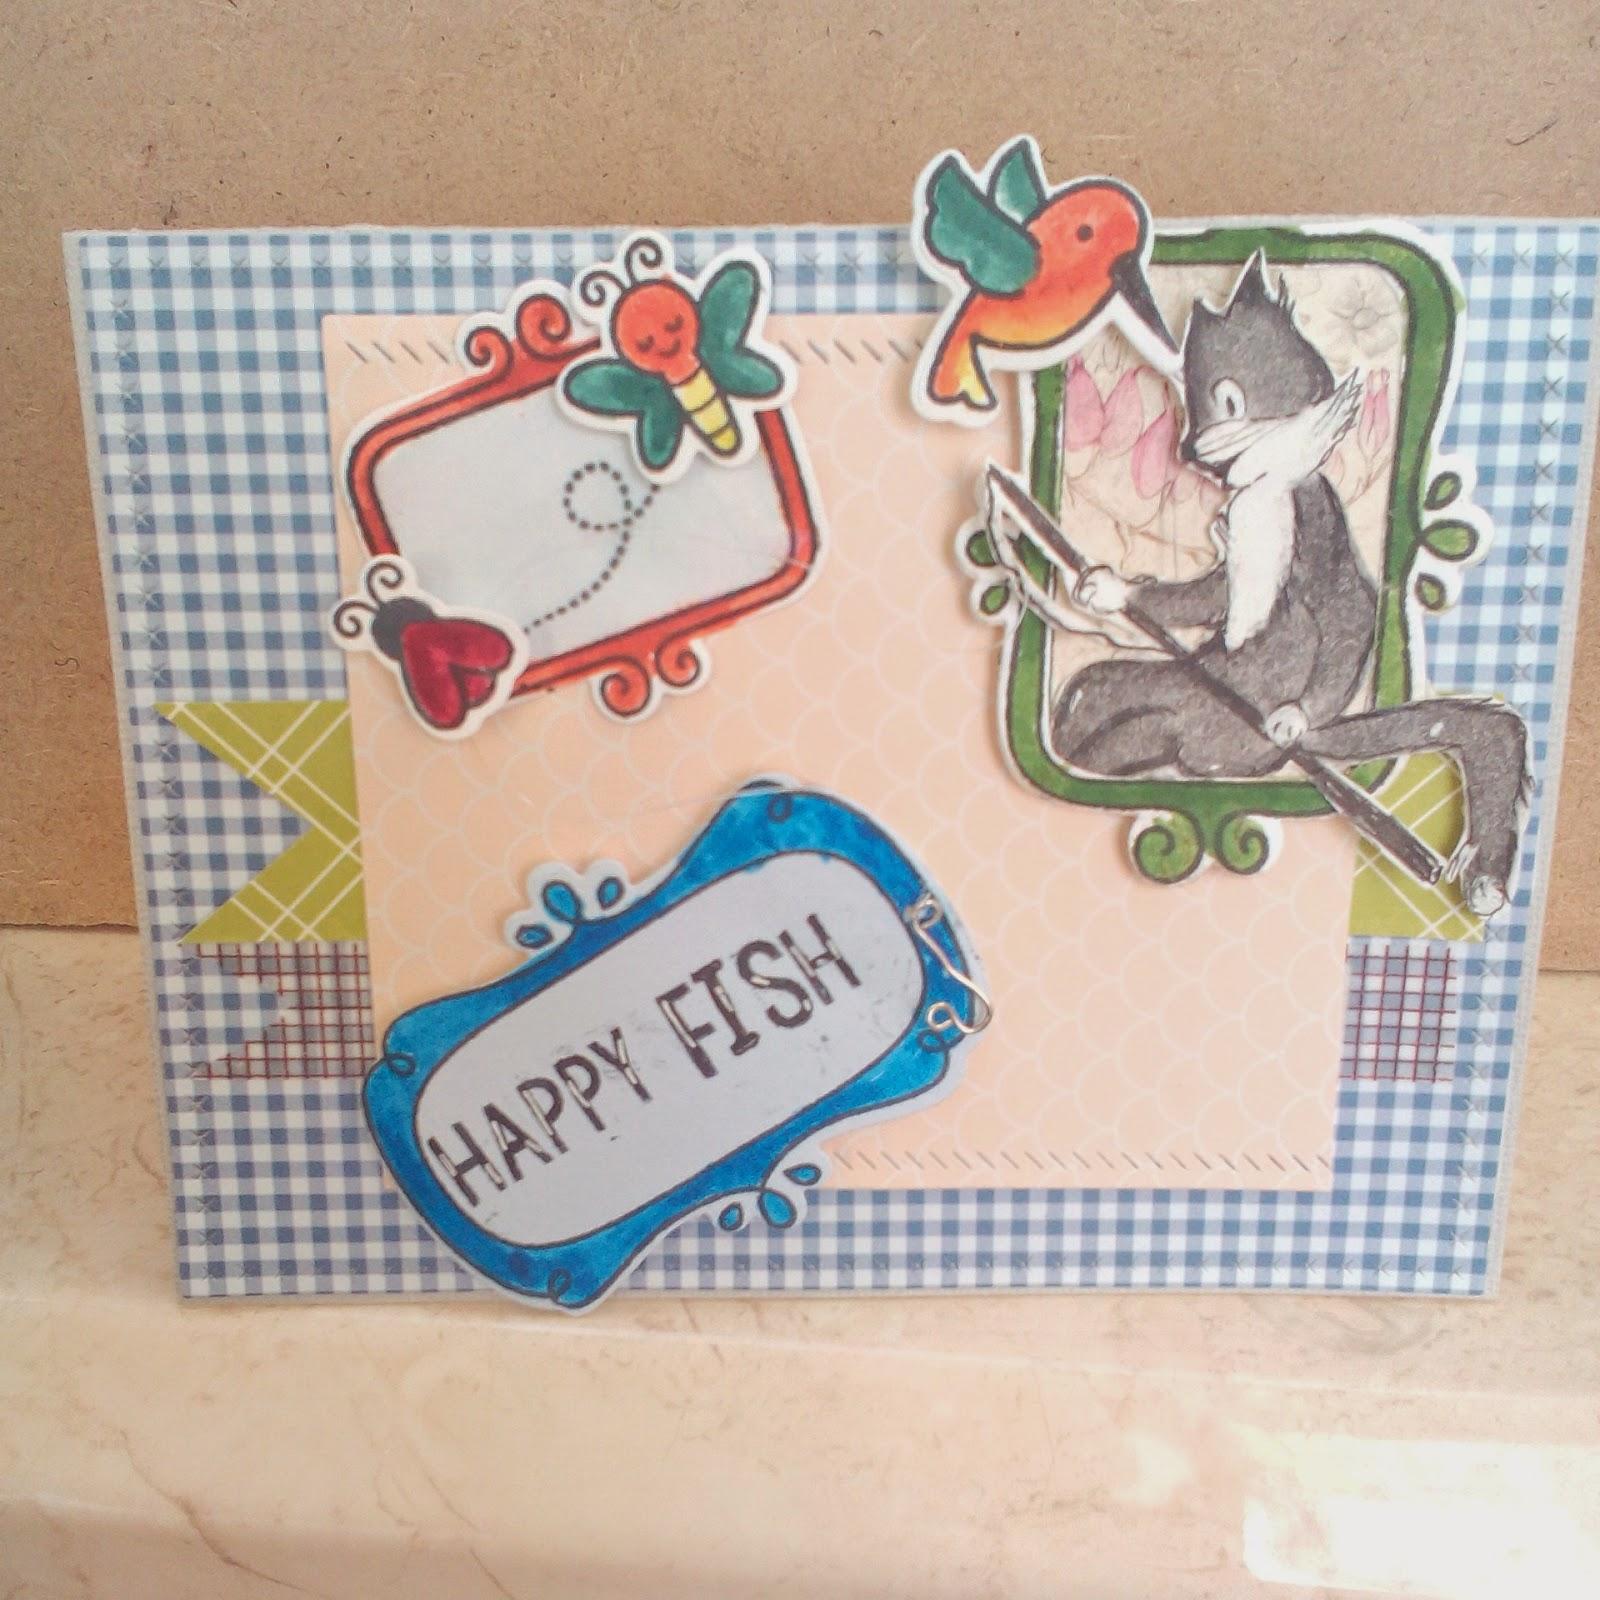 Как сделать открытку на день рождения своими руками для дедушки